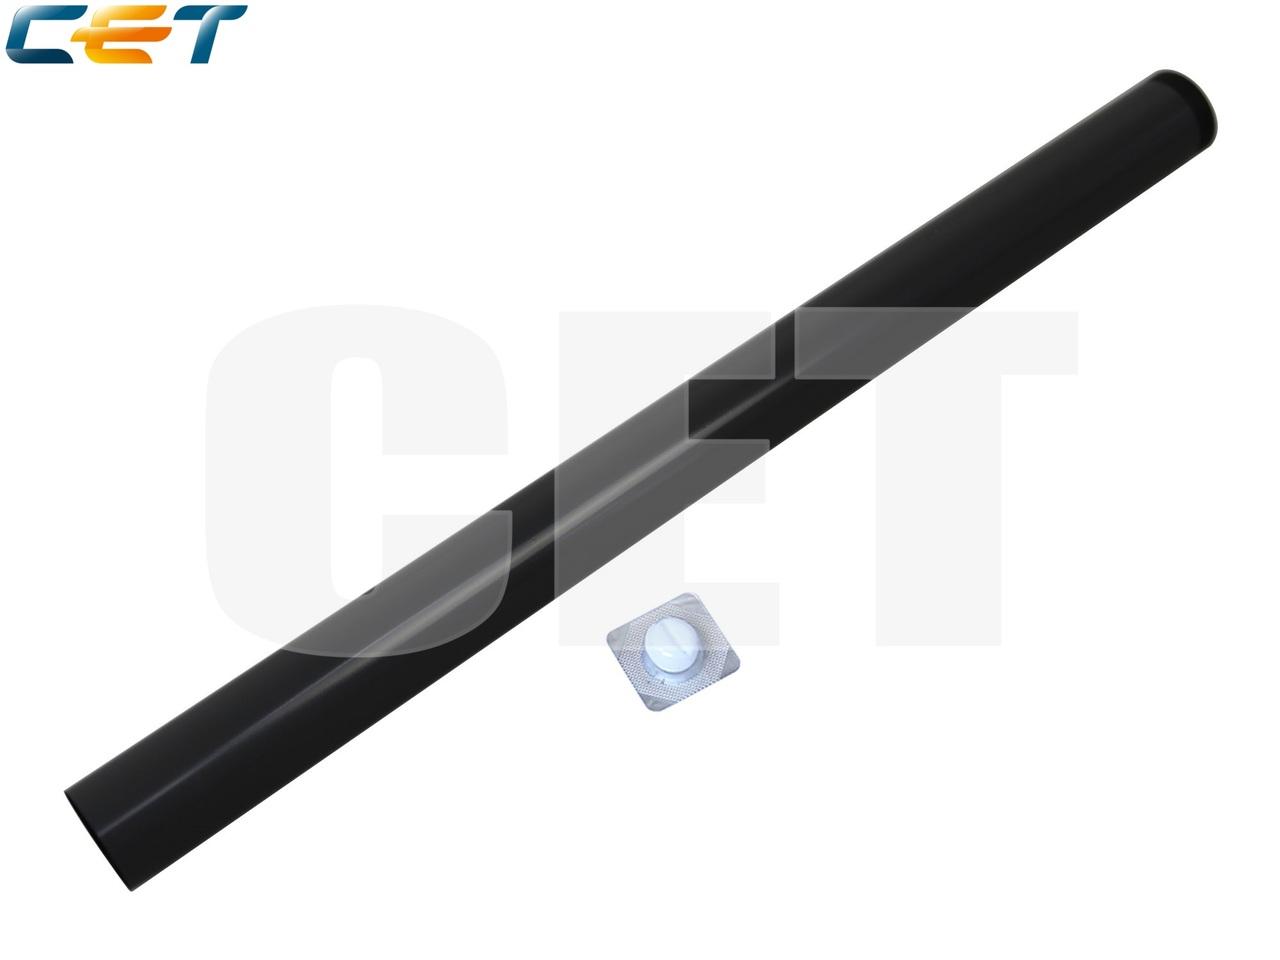 Термопленка для HP LaserJet Pro M701/M706/M712/725,CANON iR2002/2202 (CET), CET2720